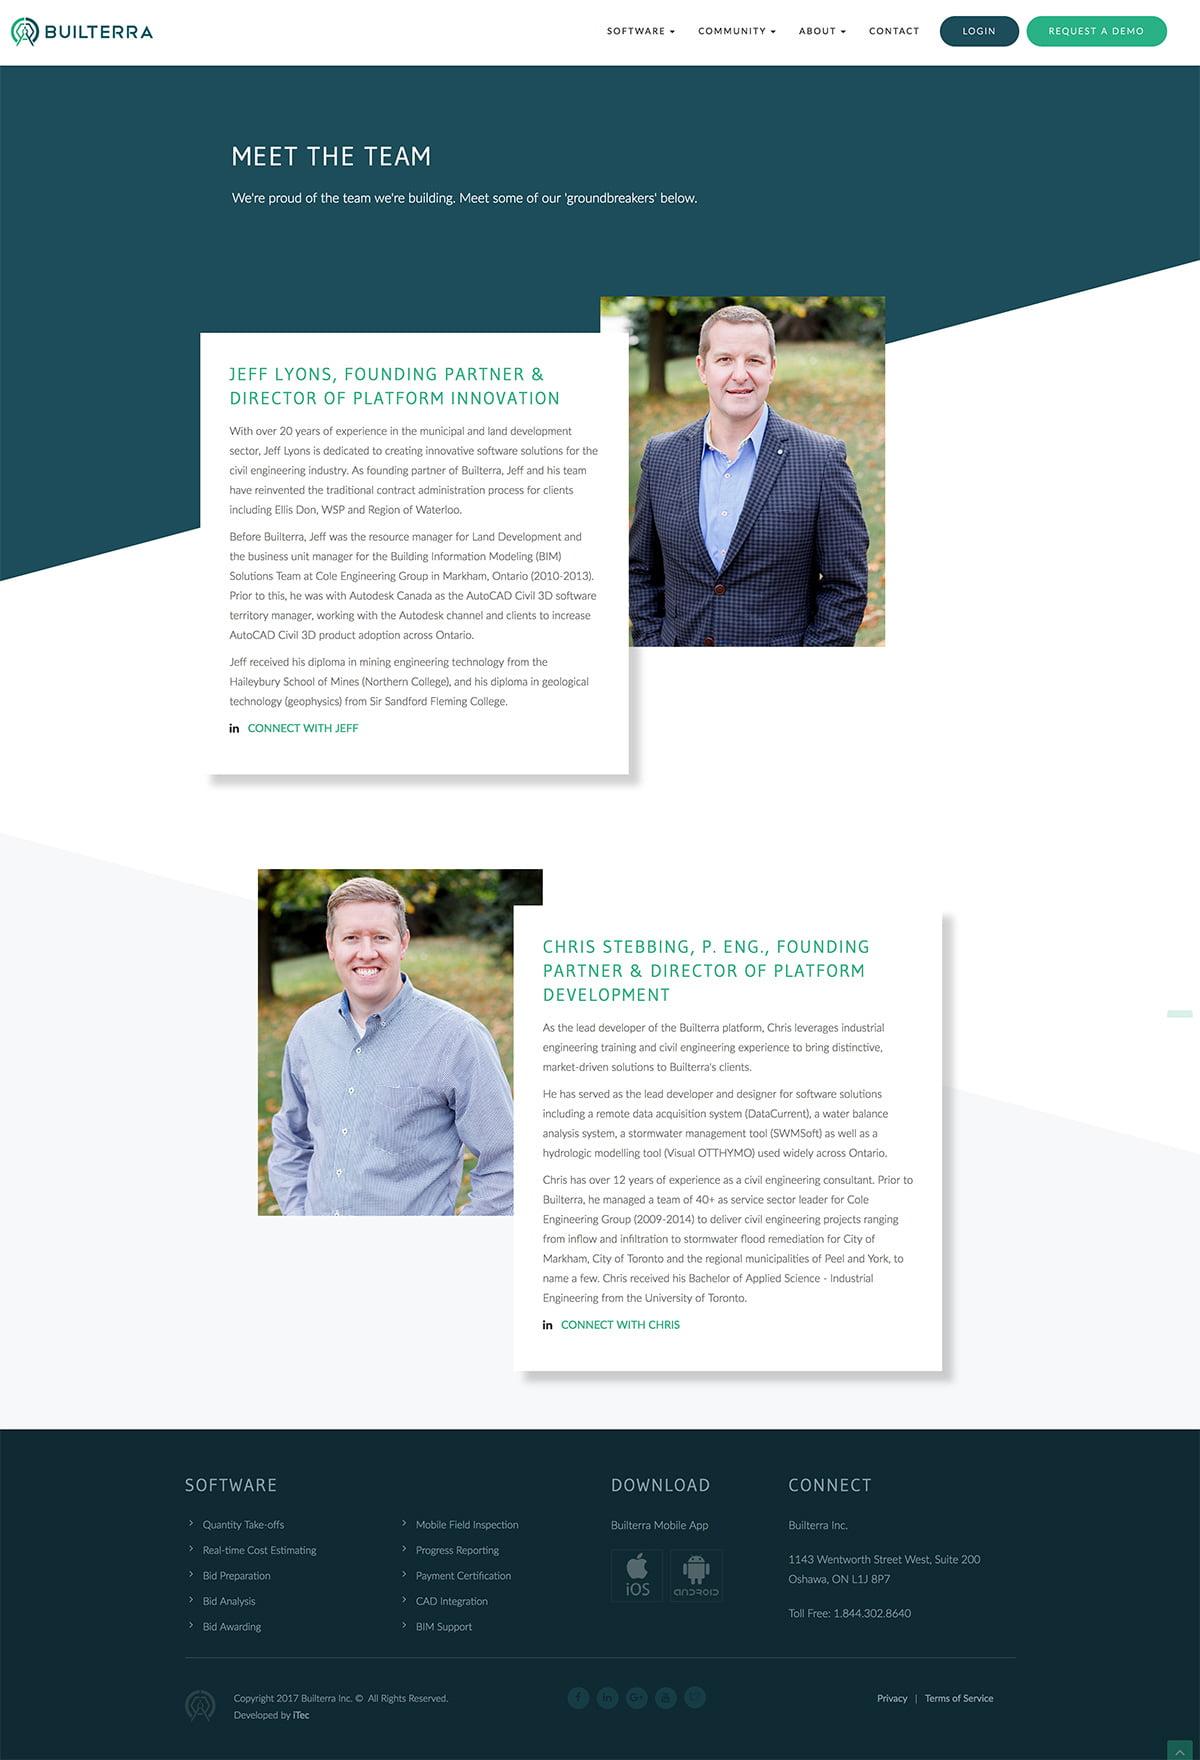 web-design-portfolio-builterra6